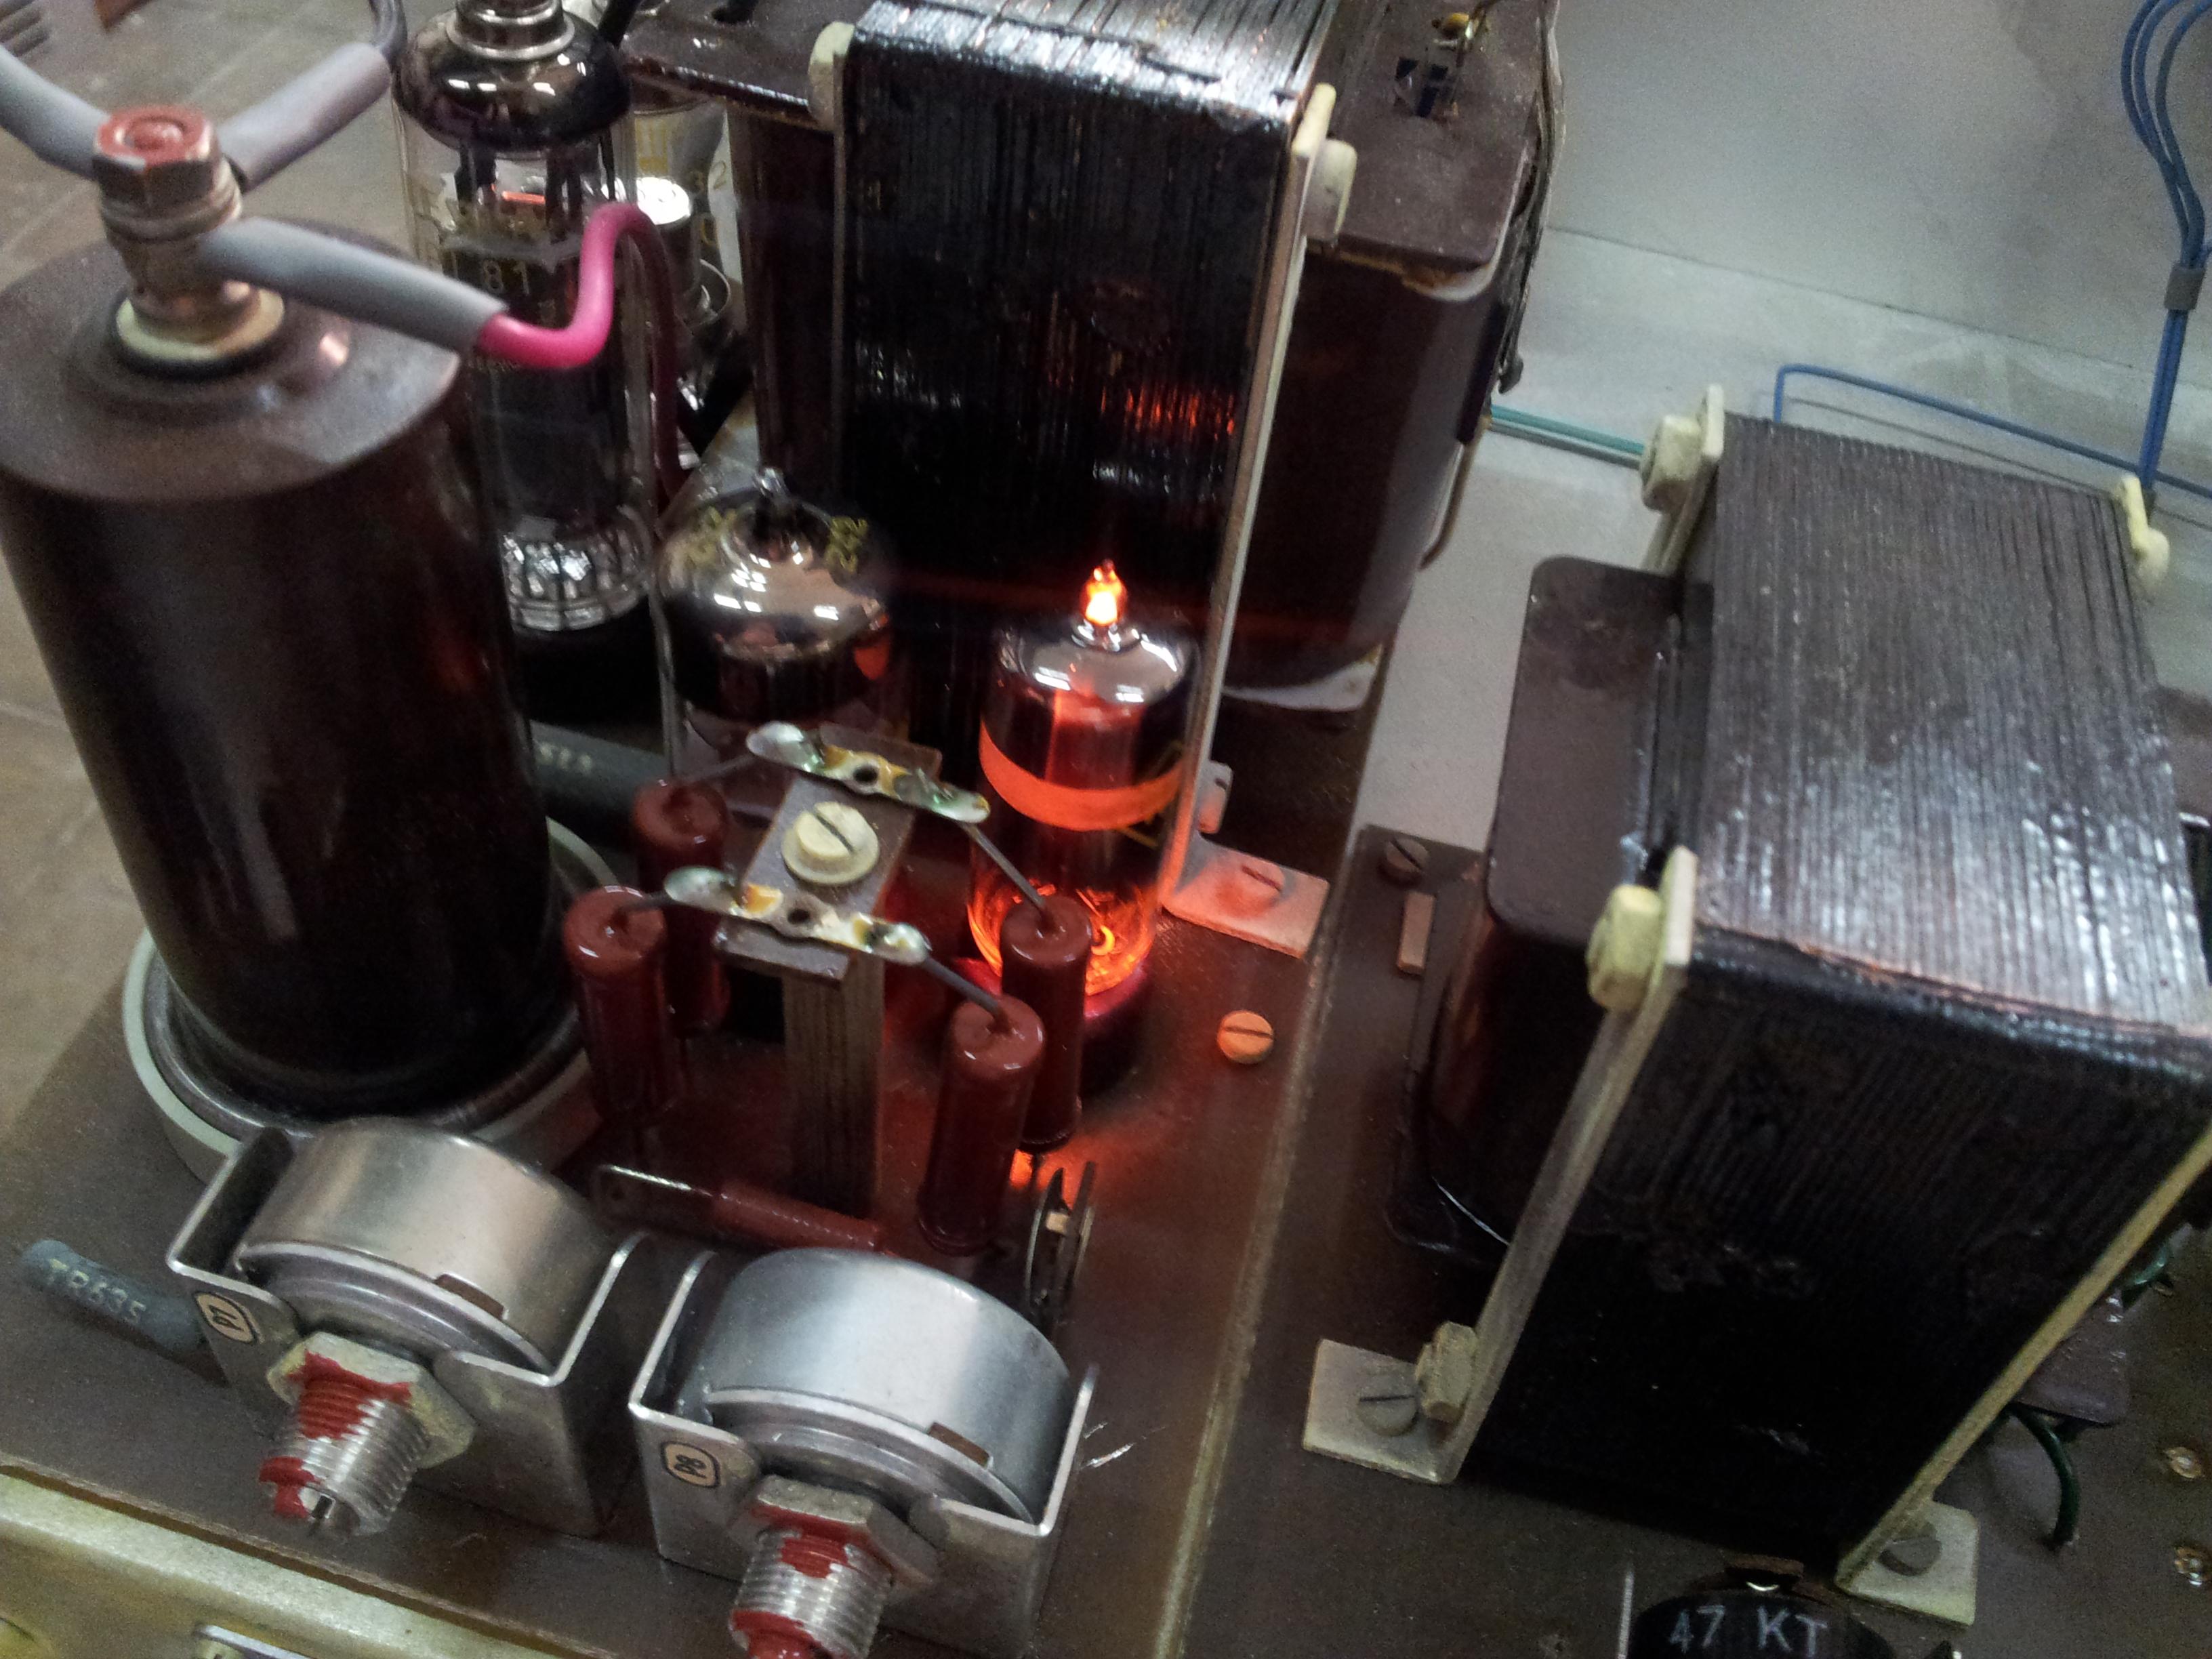 Žhavení elektronek měrky a neonový napěťový stabilizátor.